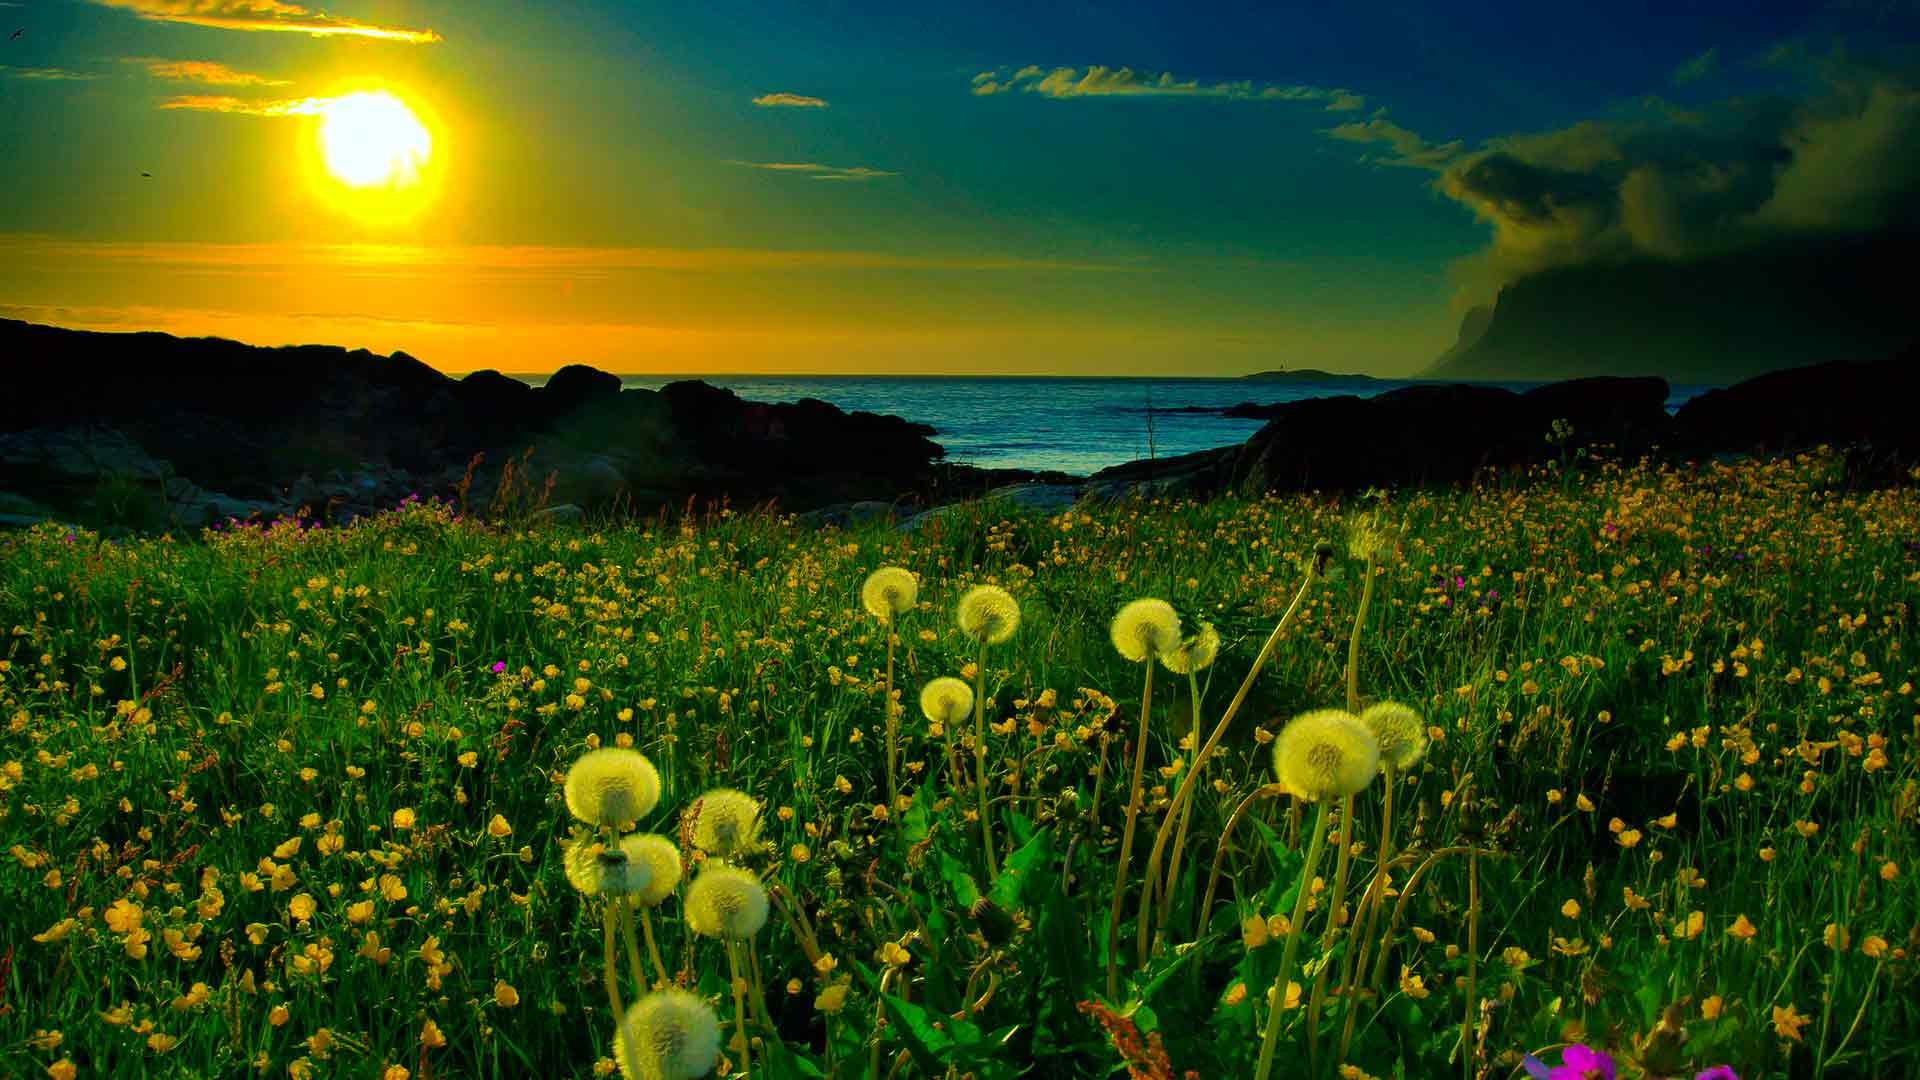 Фото морской пейзаж высокого разрешения